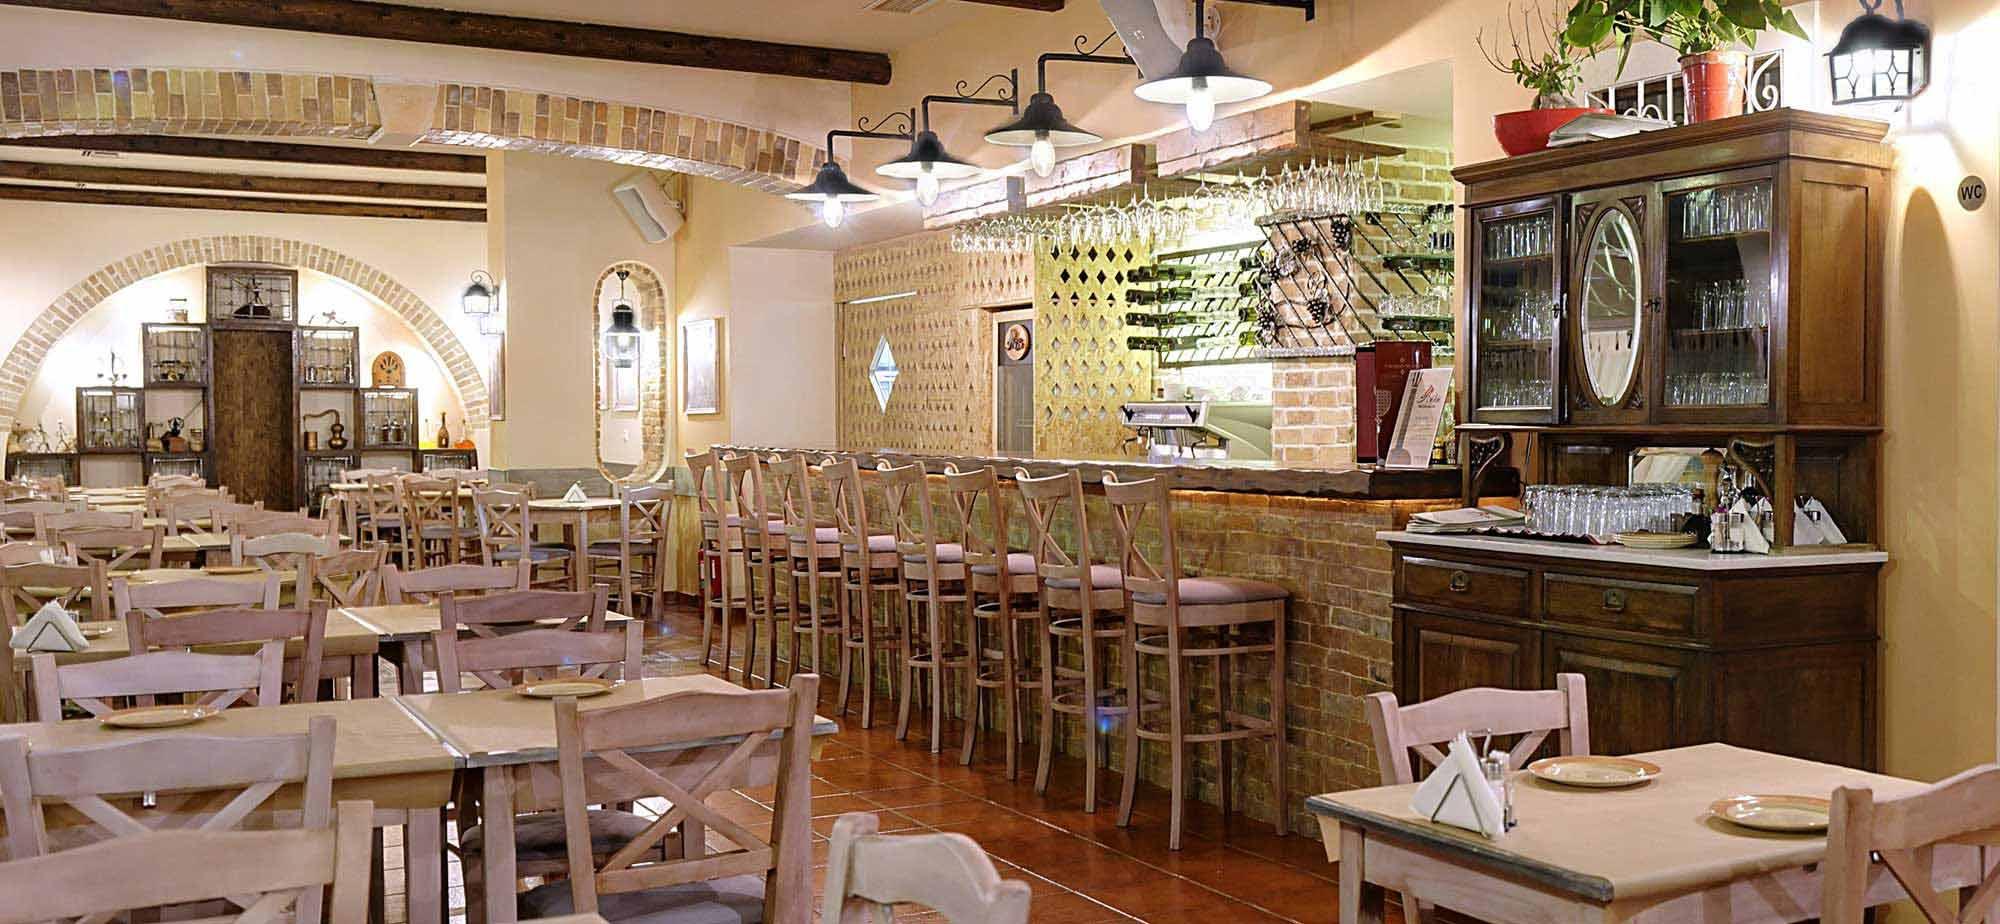 9-avli-restaurant-corfu-2000x924